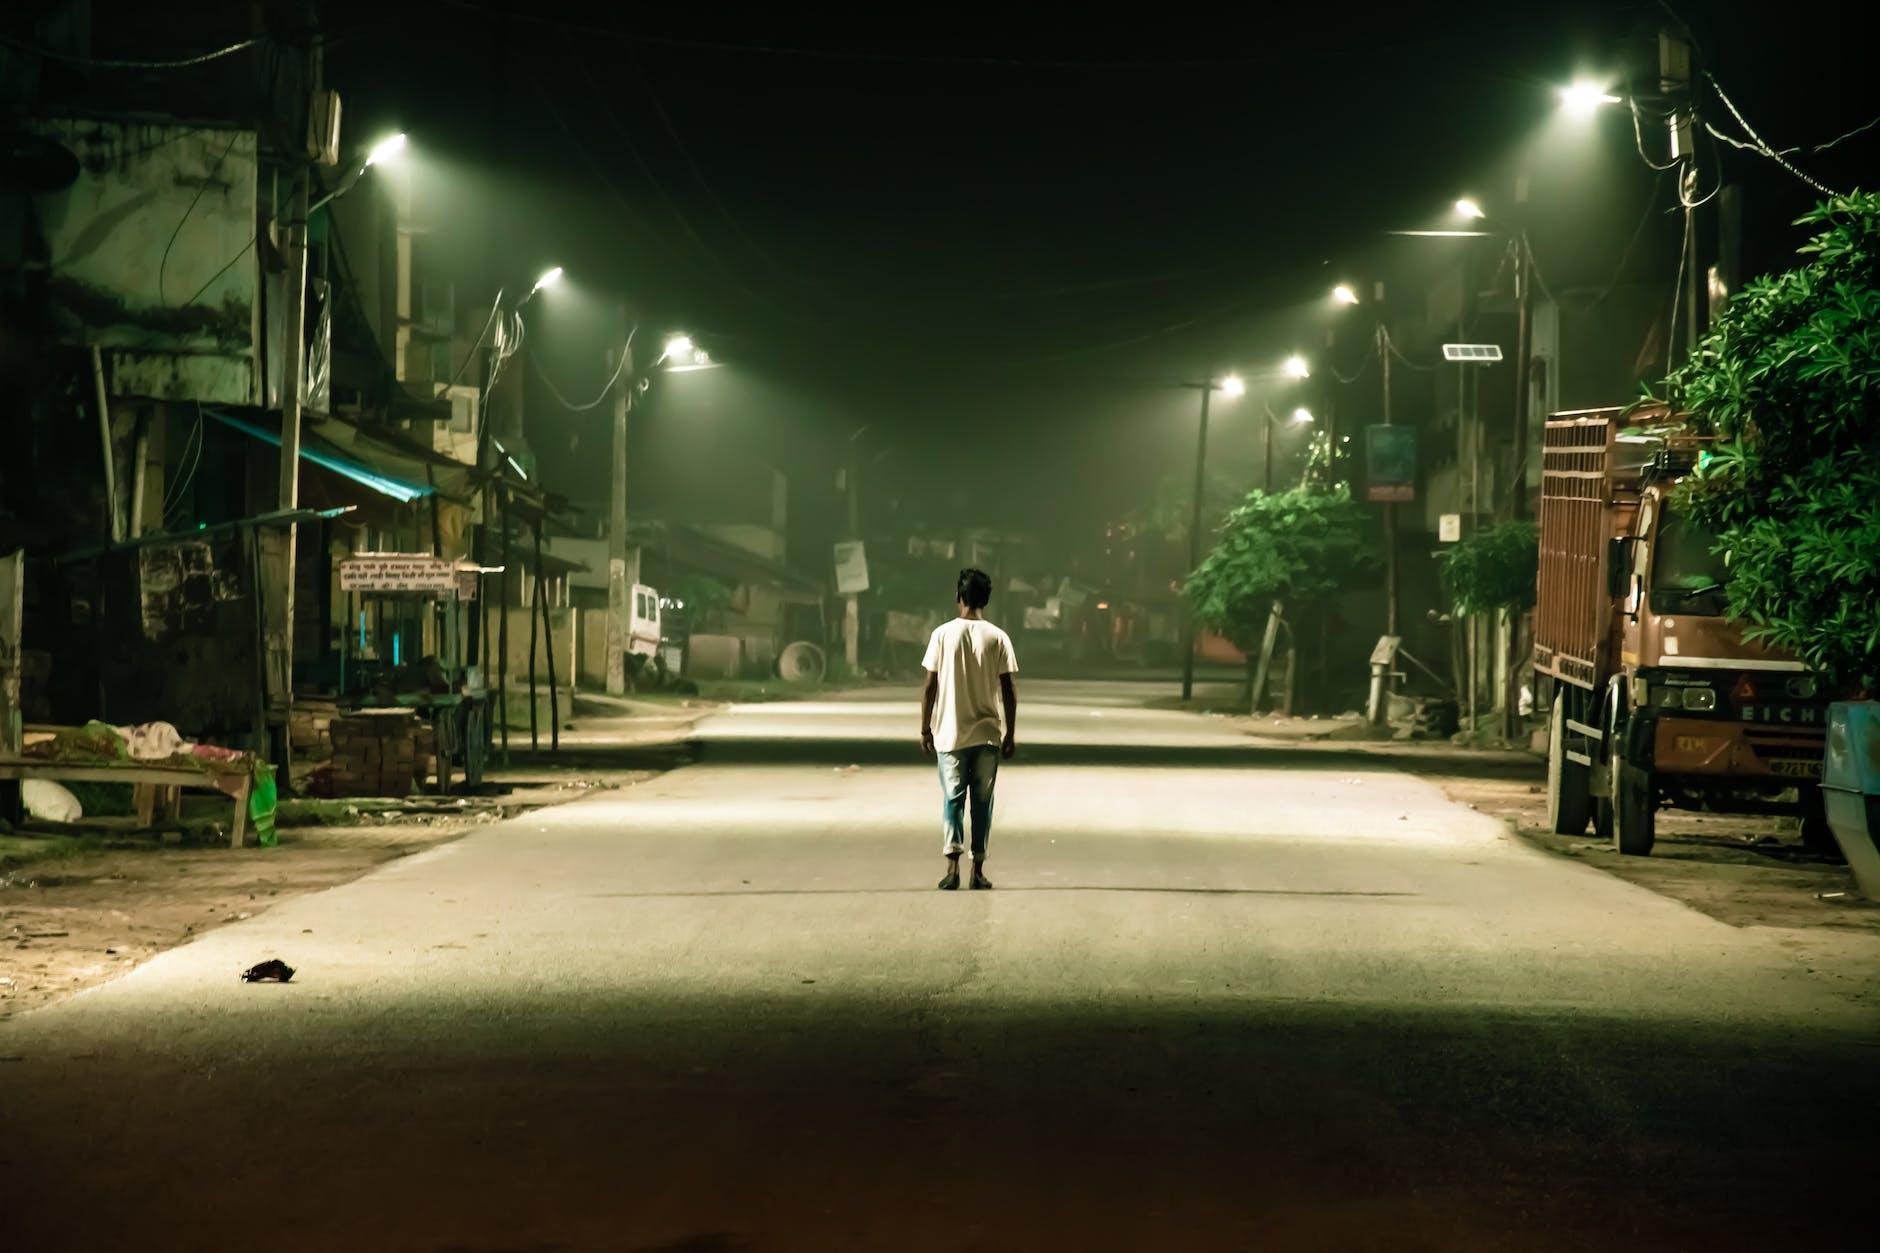 Man Wearing Crew-neck T-shirt Walking on Gray Pathway during Nighttime